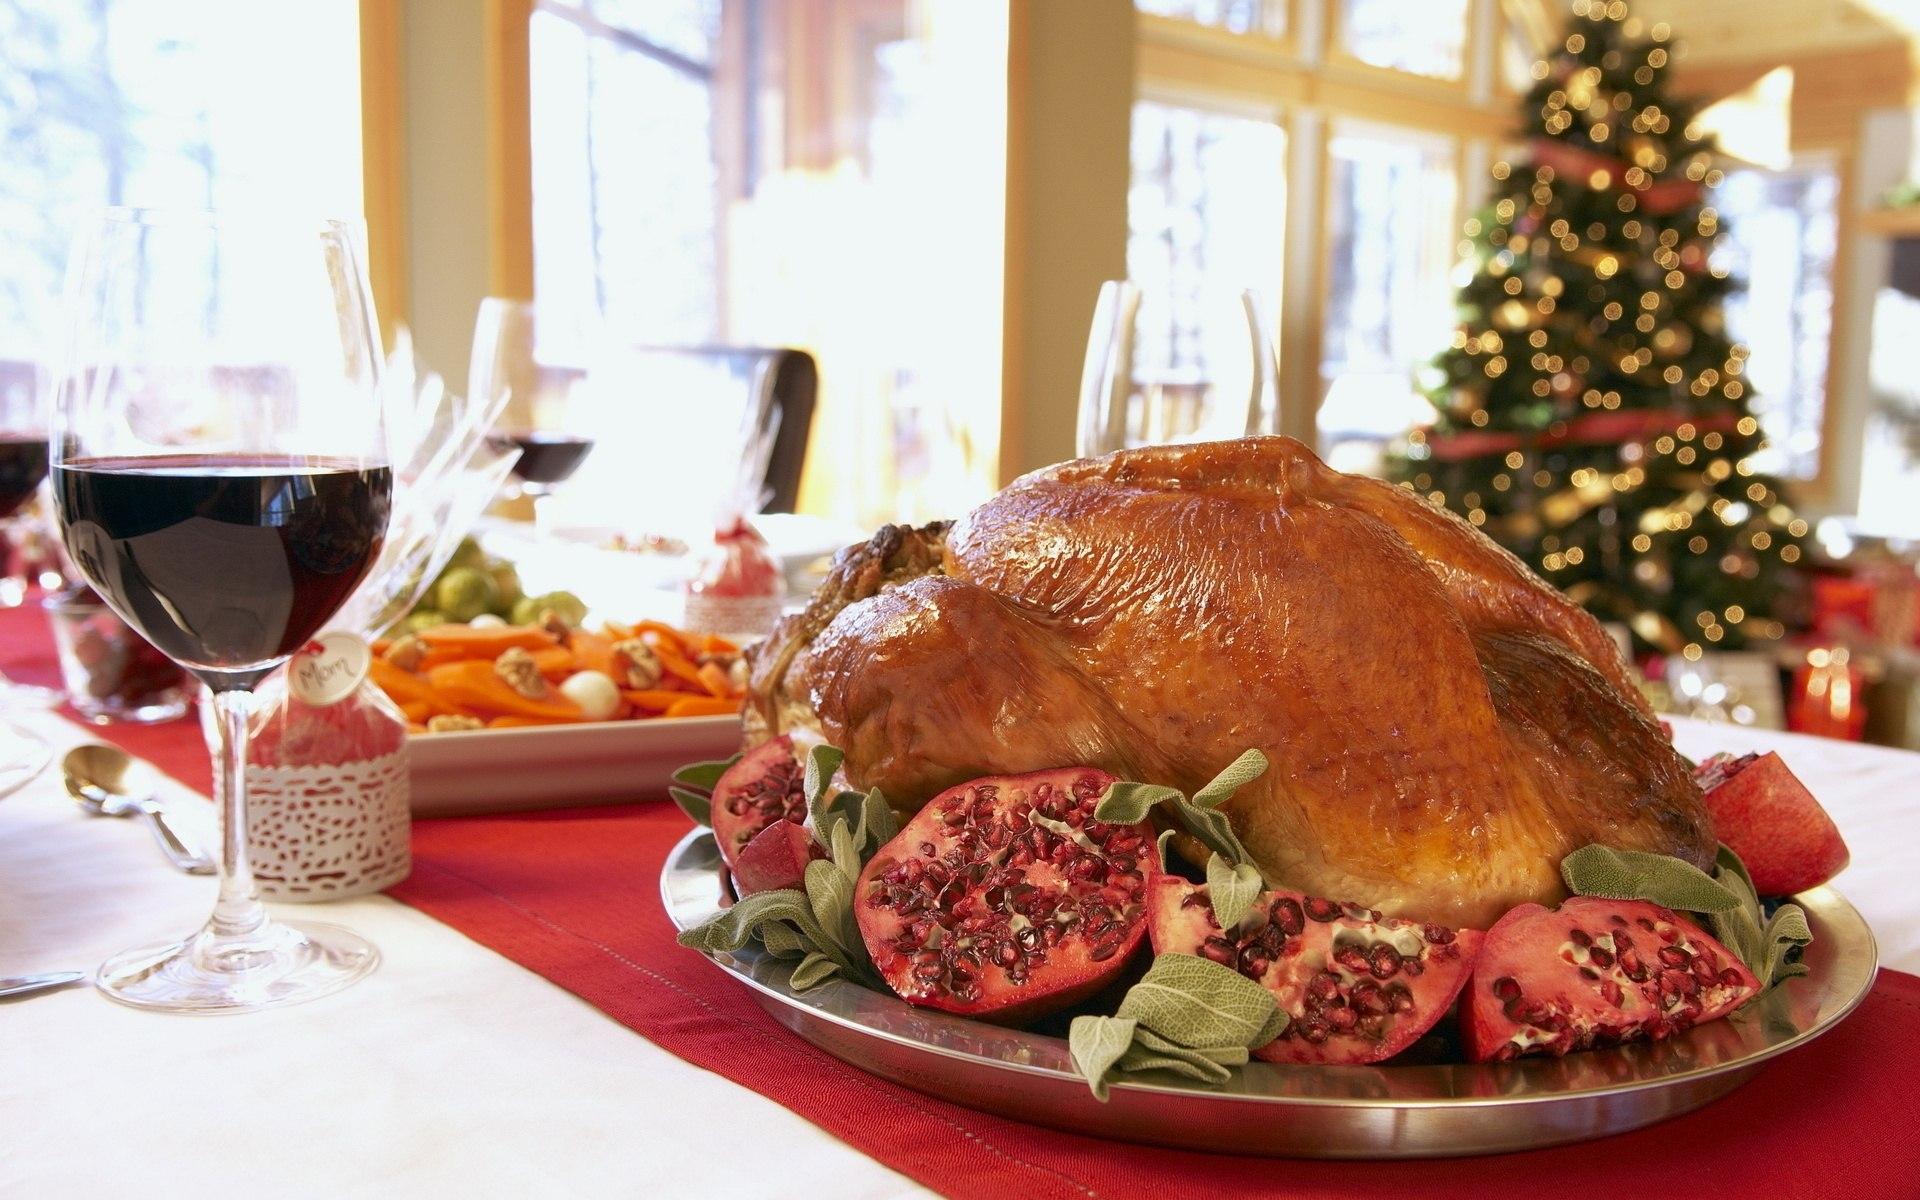 Weihnachtsessen Fleisch.Hintergrundbilder Lebensmittel Fleisch Wein Glas Weihnachten